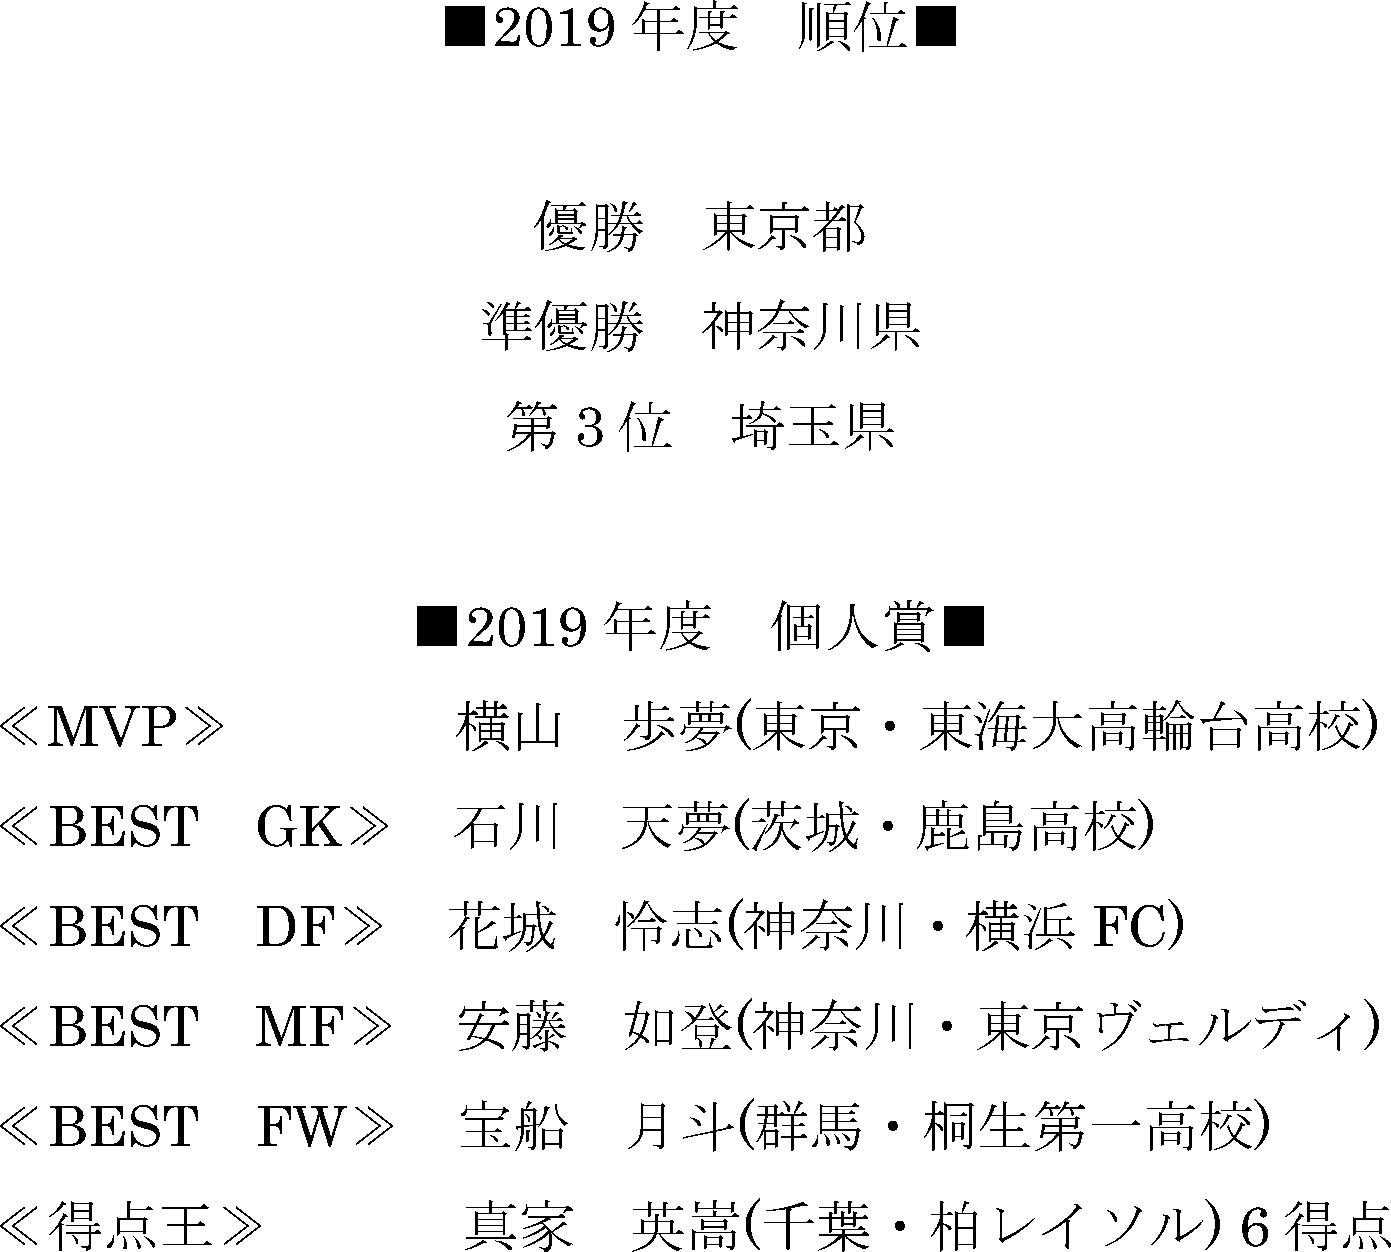 2019/4/28 ~ 2020/2/23 関東トレセンリーグU-16 in関東 トーナメント表